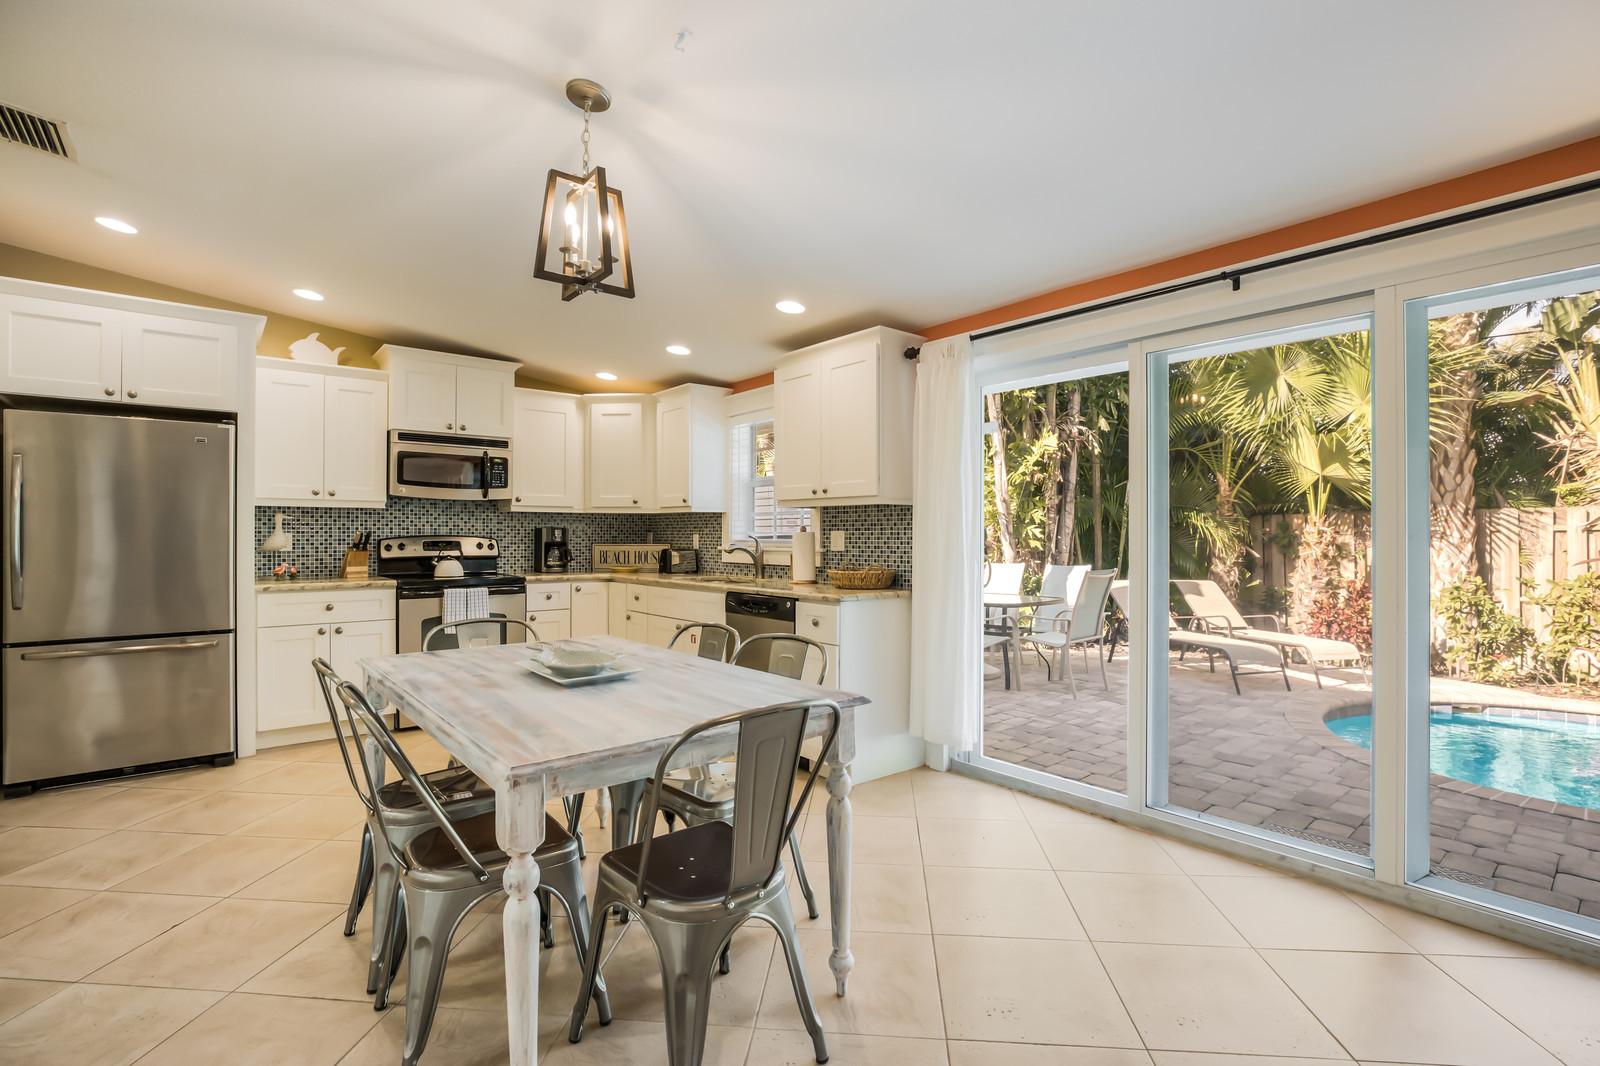 Kitchen and Door to Pool